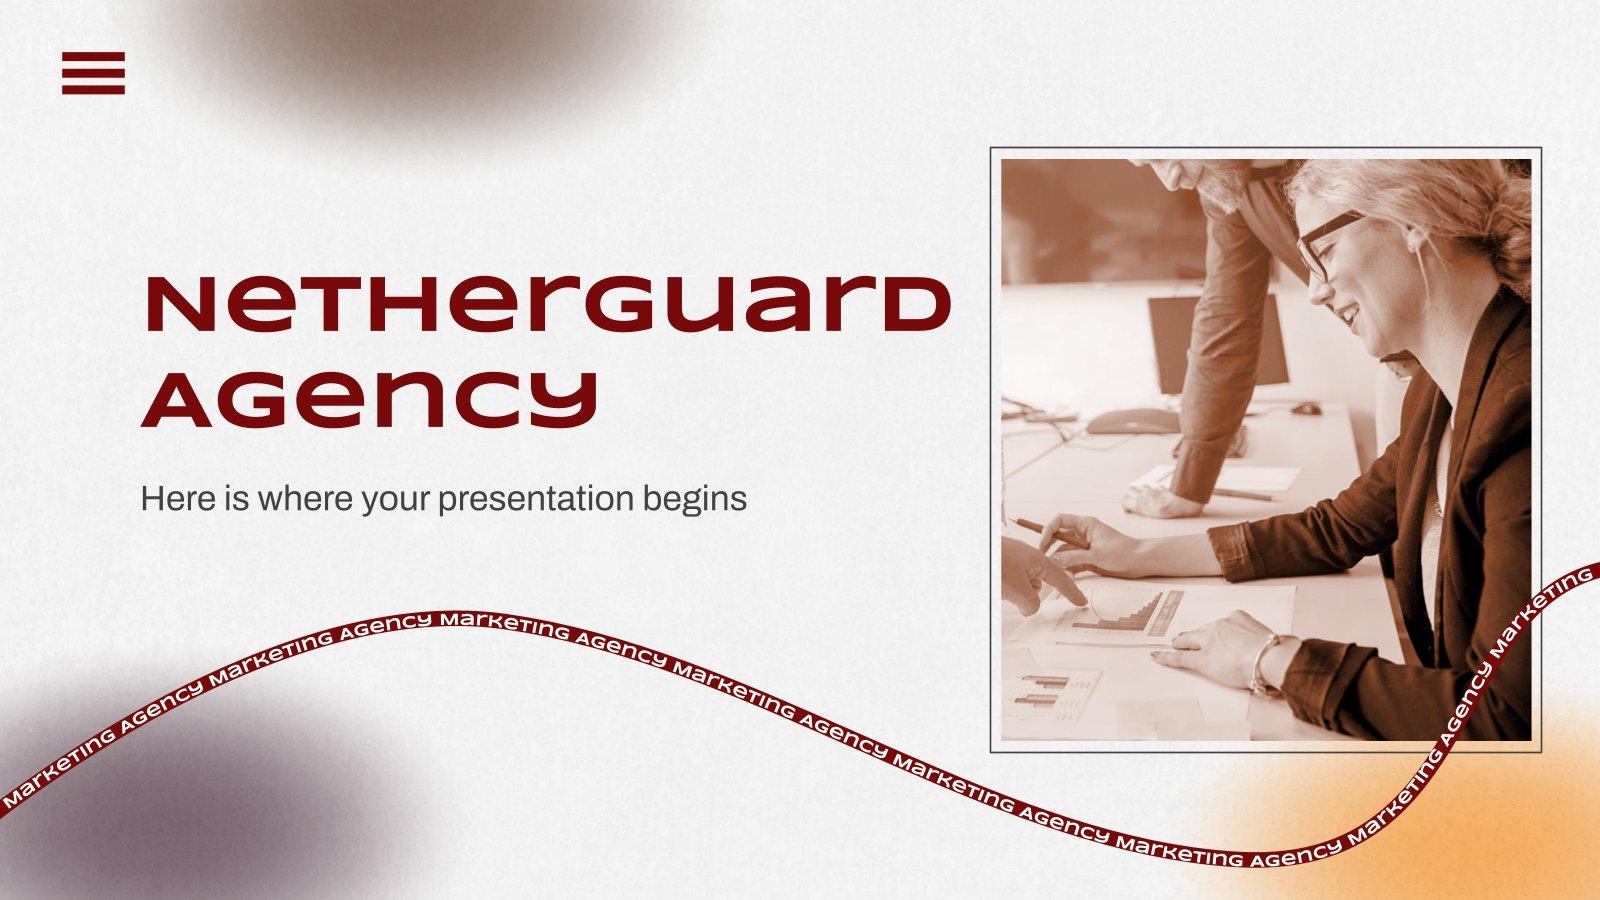 Modelo de apresentação Agência Netherguard